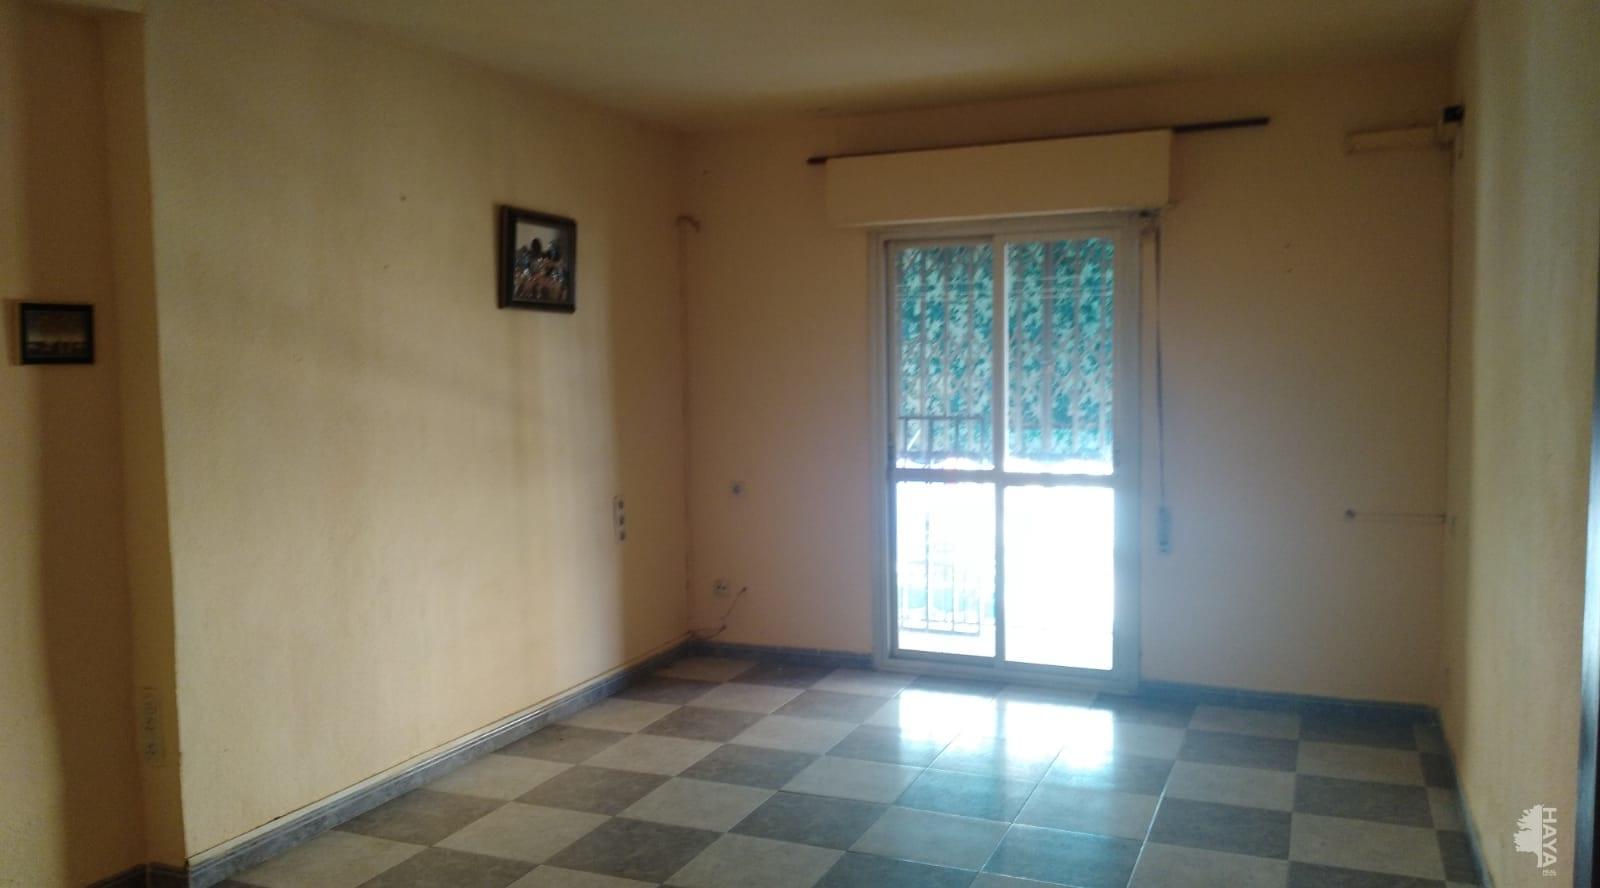 Piso en venta en Pulianas, Pulianas, Granada, Pasaje Santo Cristo, 61.000 €, 3 habitaciones, 1 baño, 90 m2